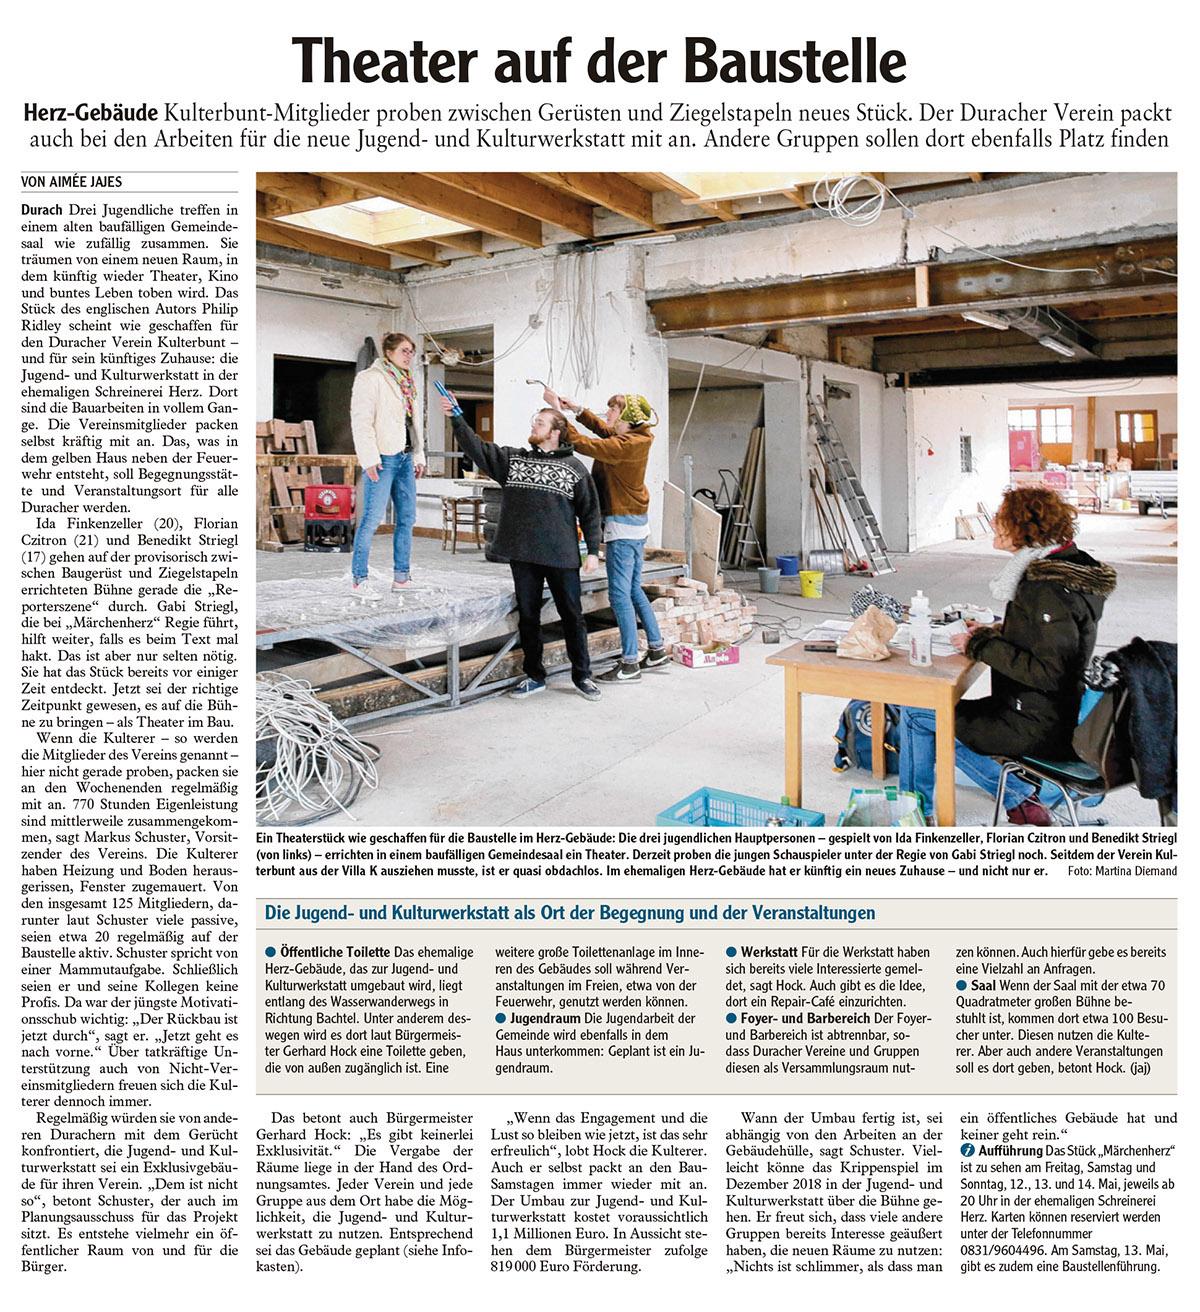 Theater auf der Baustelle: Kulterbunt-Mitglieder proben